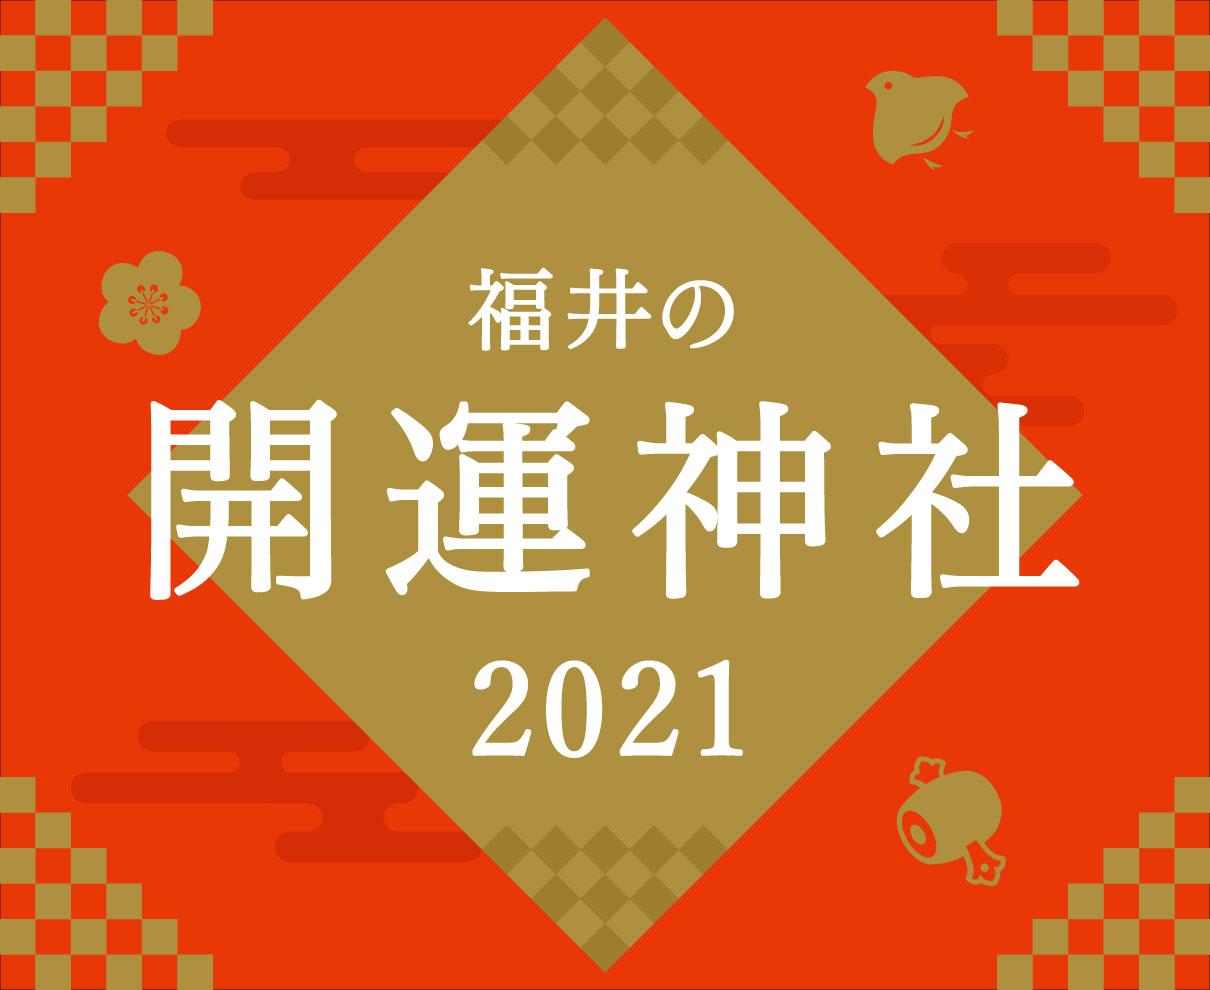 開運したい人必見! 福井の開運神社2021